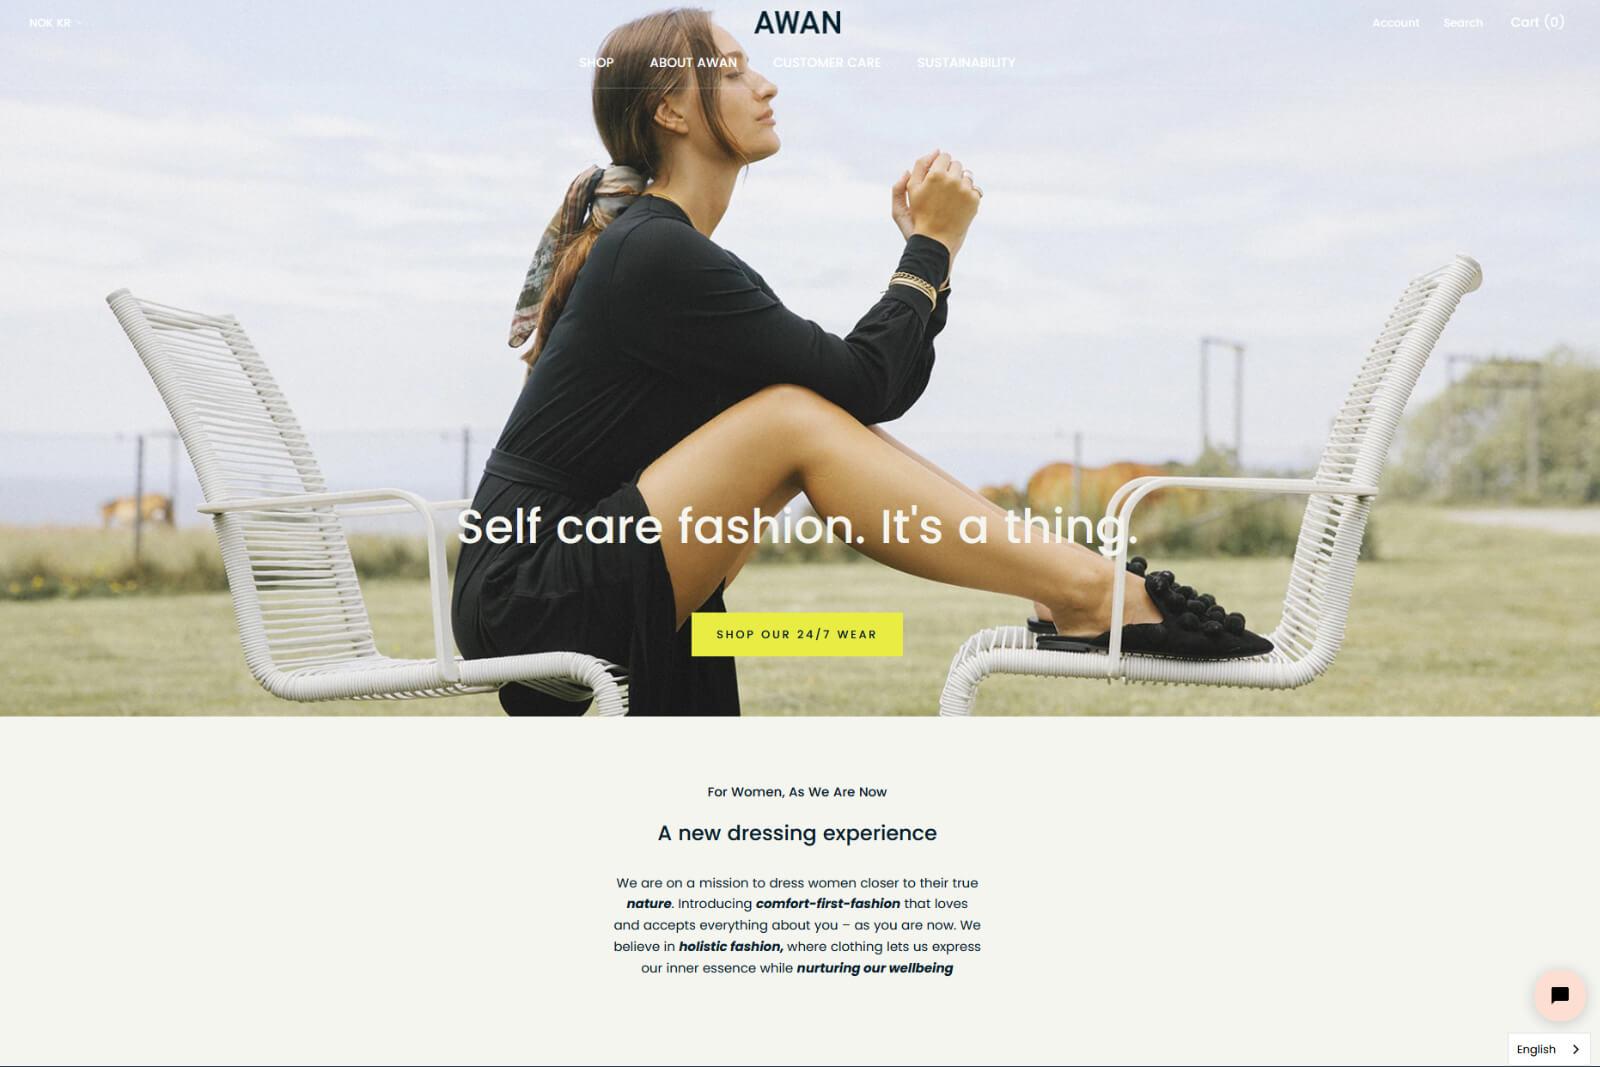 Awan nettbutikk forsiden september 2021